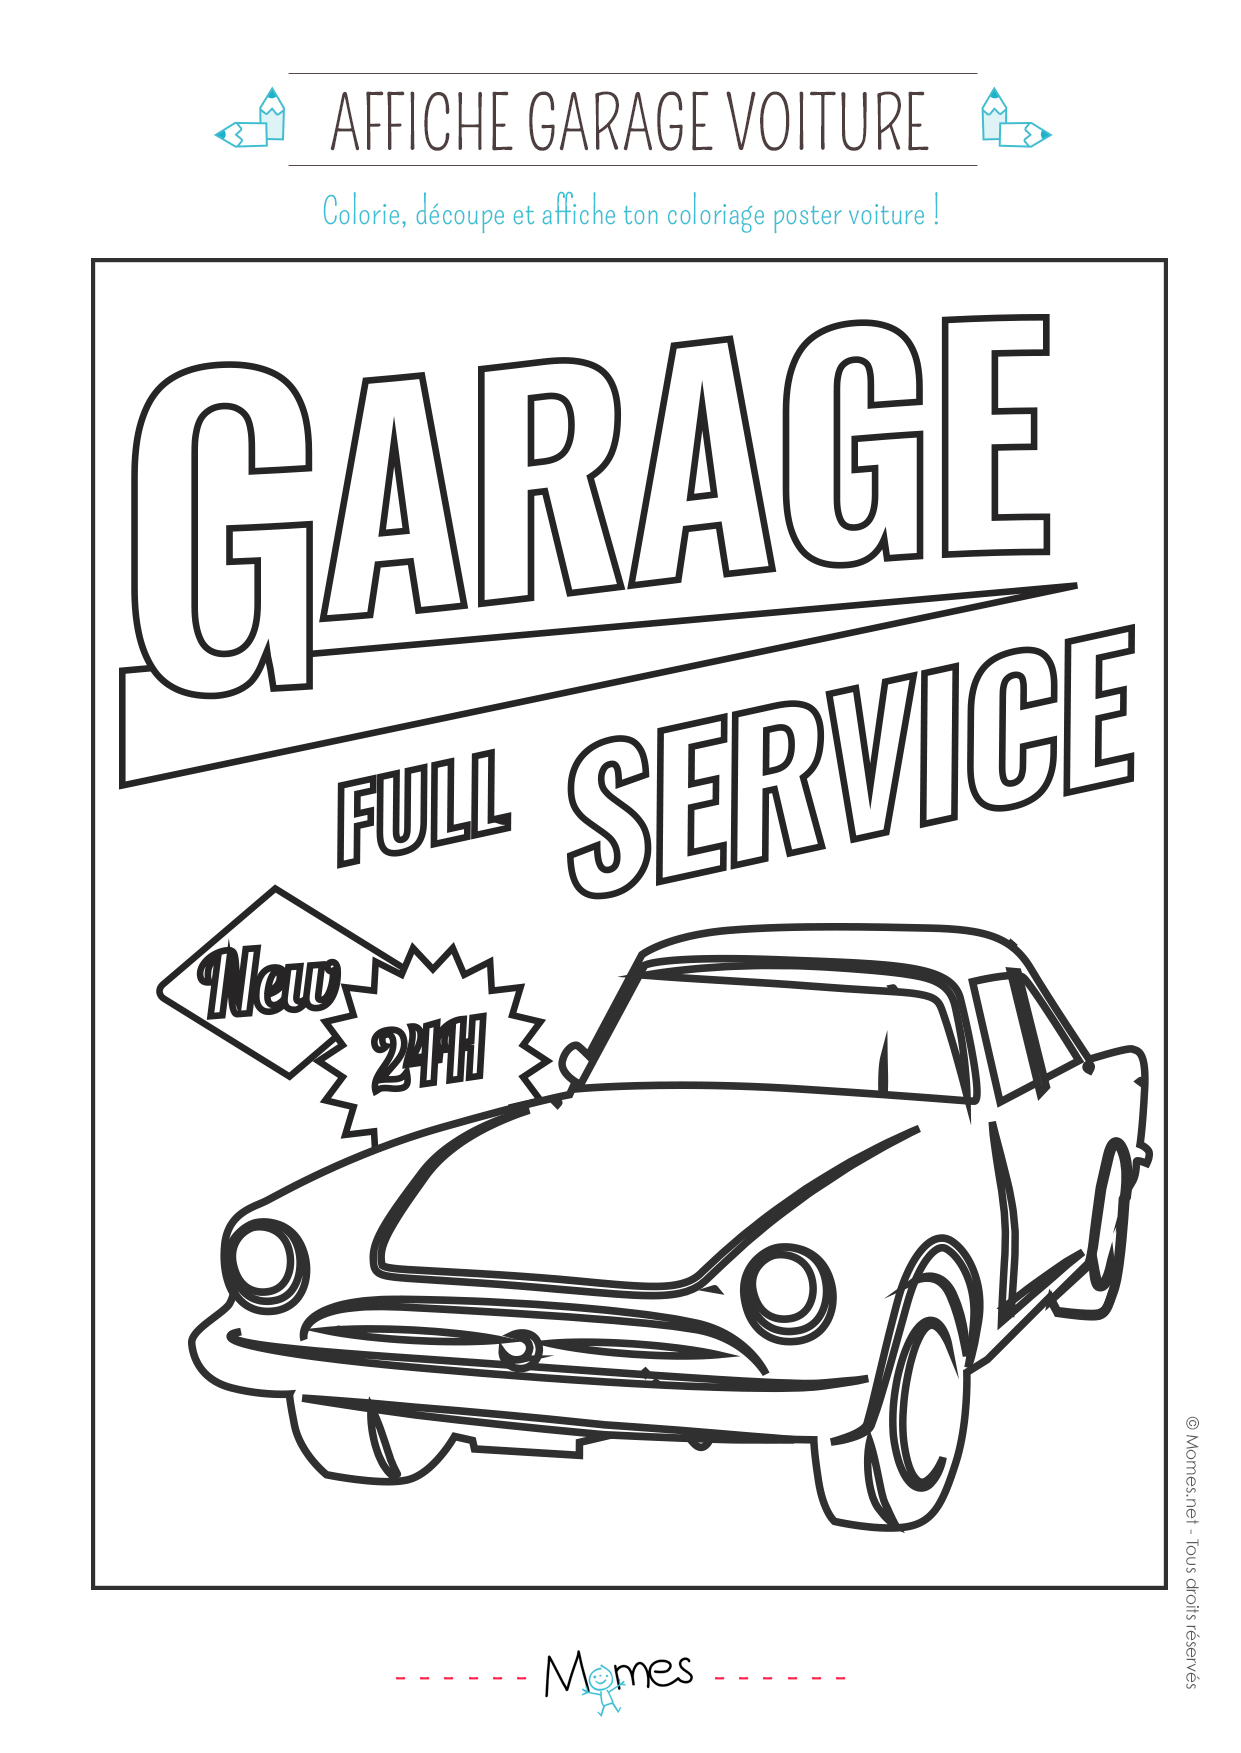 Coloriage d 39 un garage service pour voiture for Garage autoservices les ulis